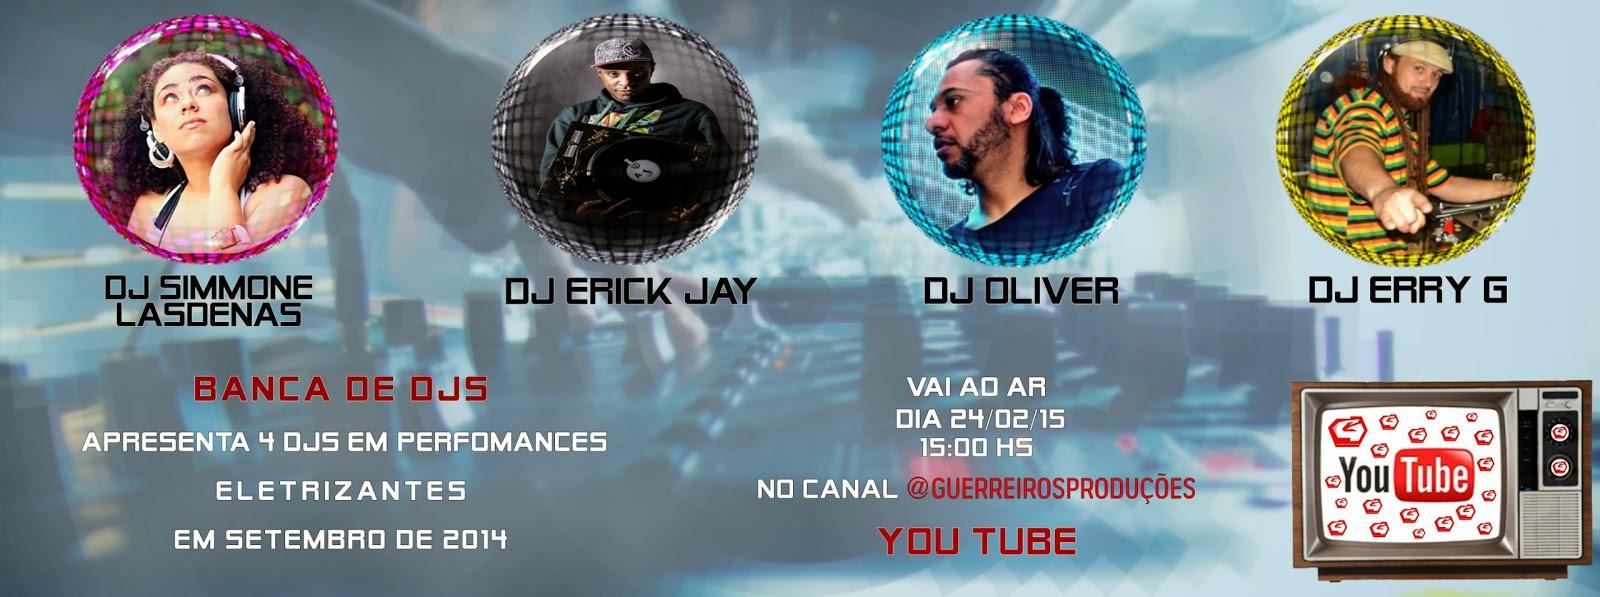 Lançamento vídeo Banca de DJ'S